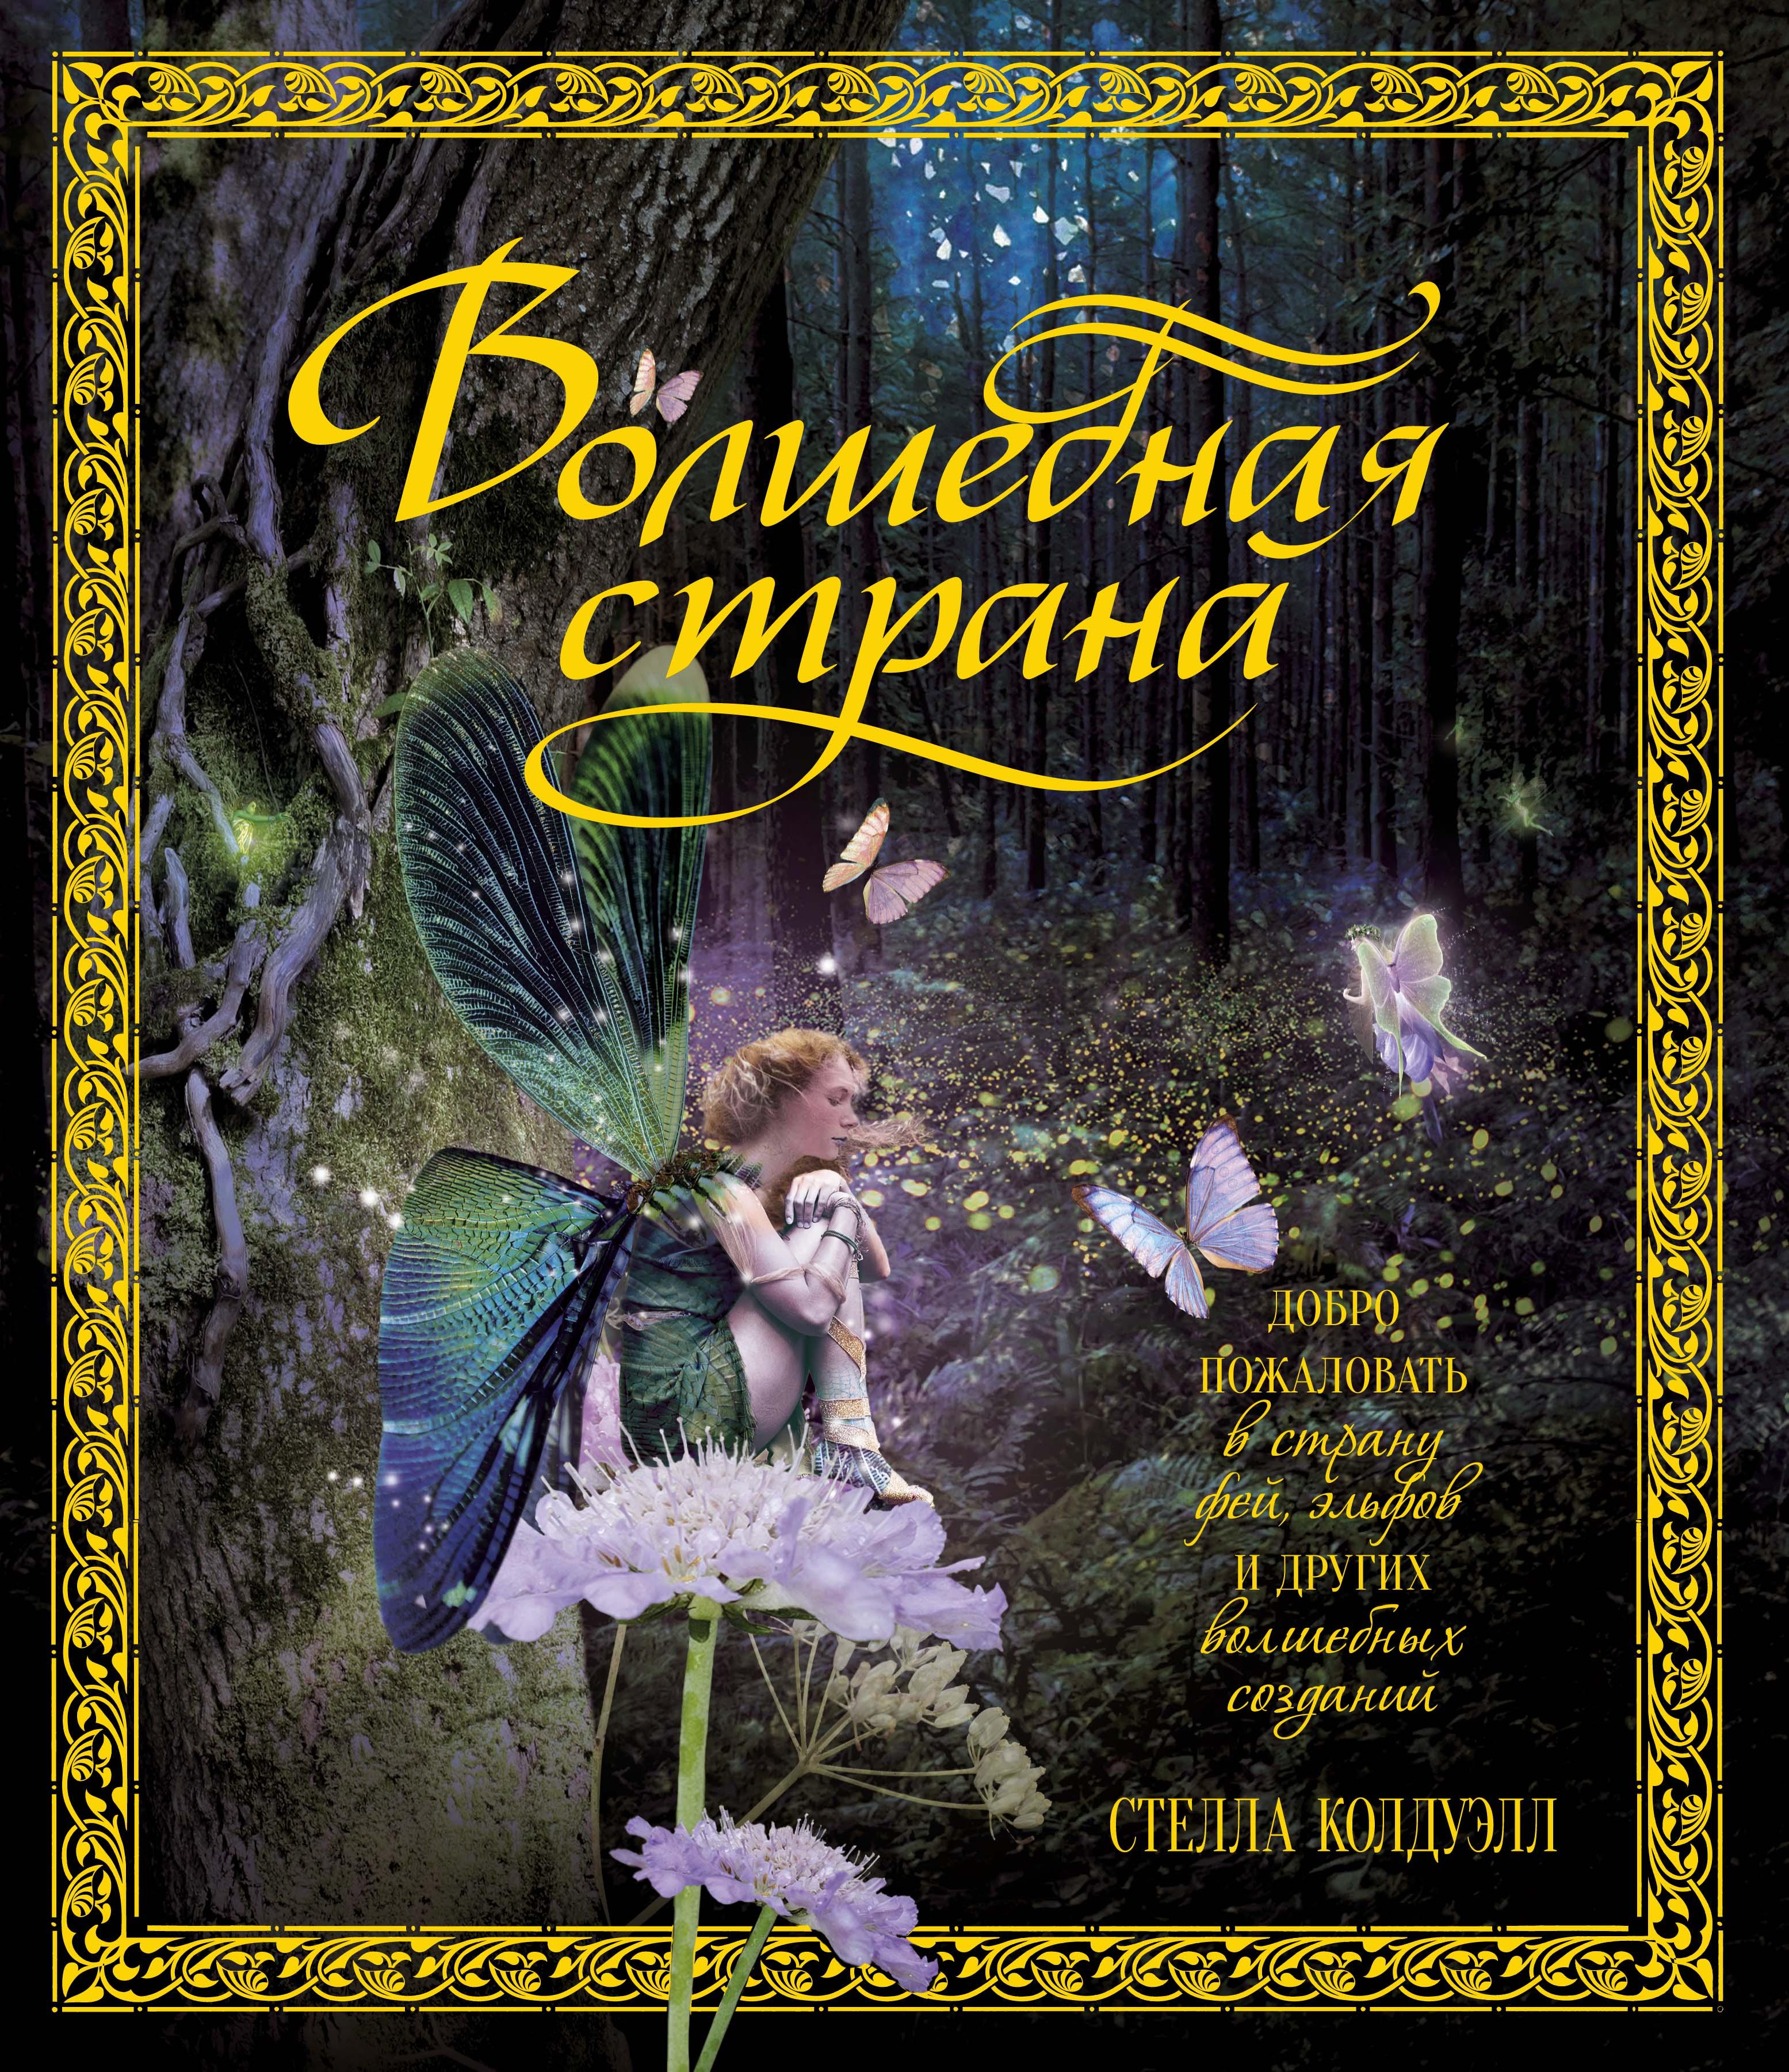 Волшебная страна книга скачать